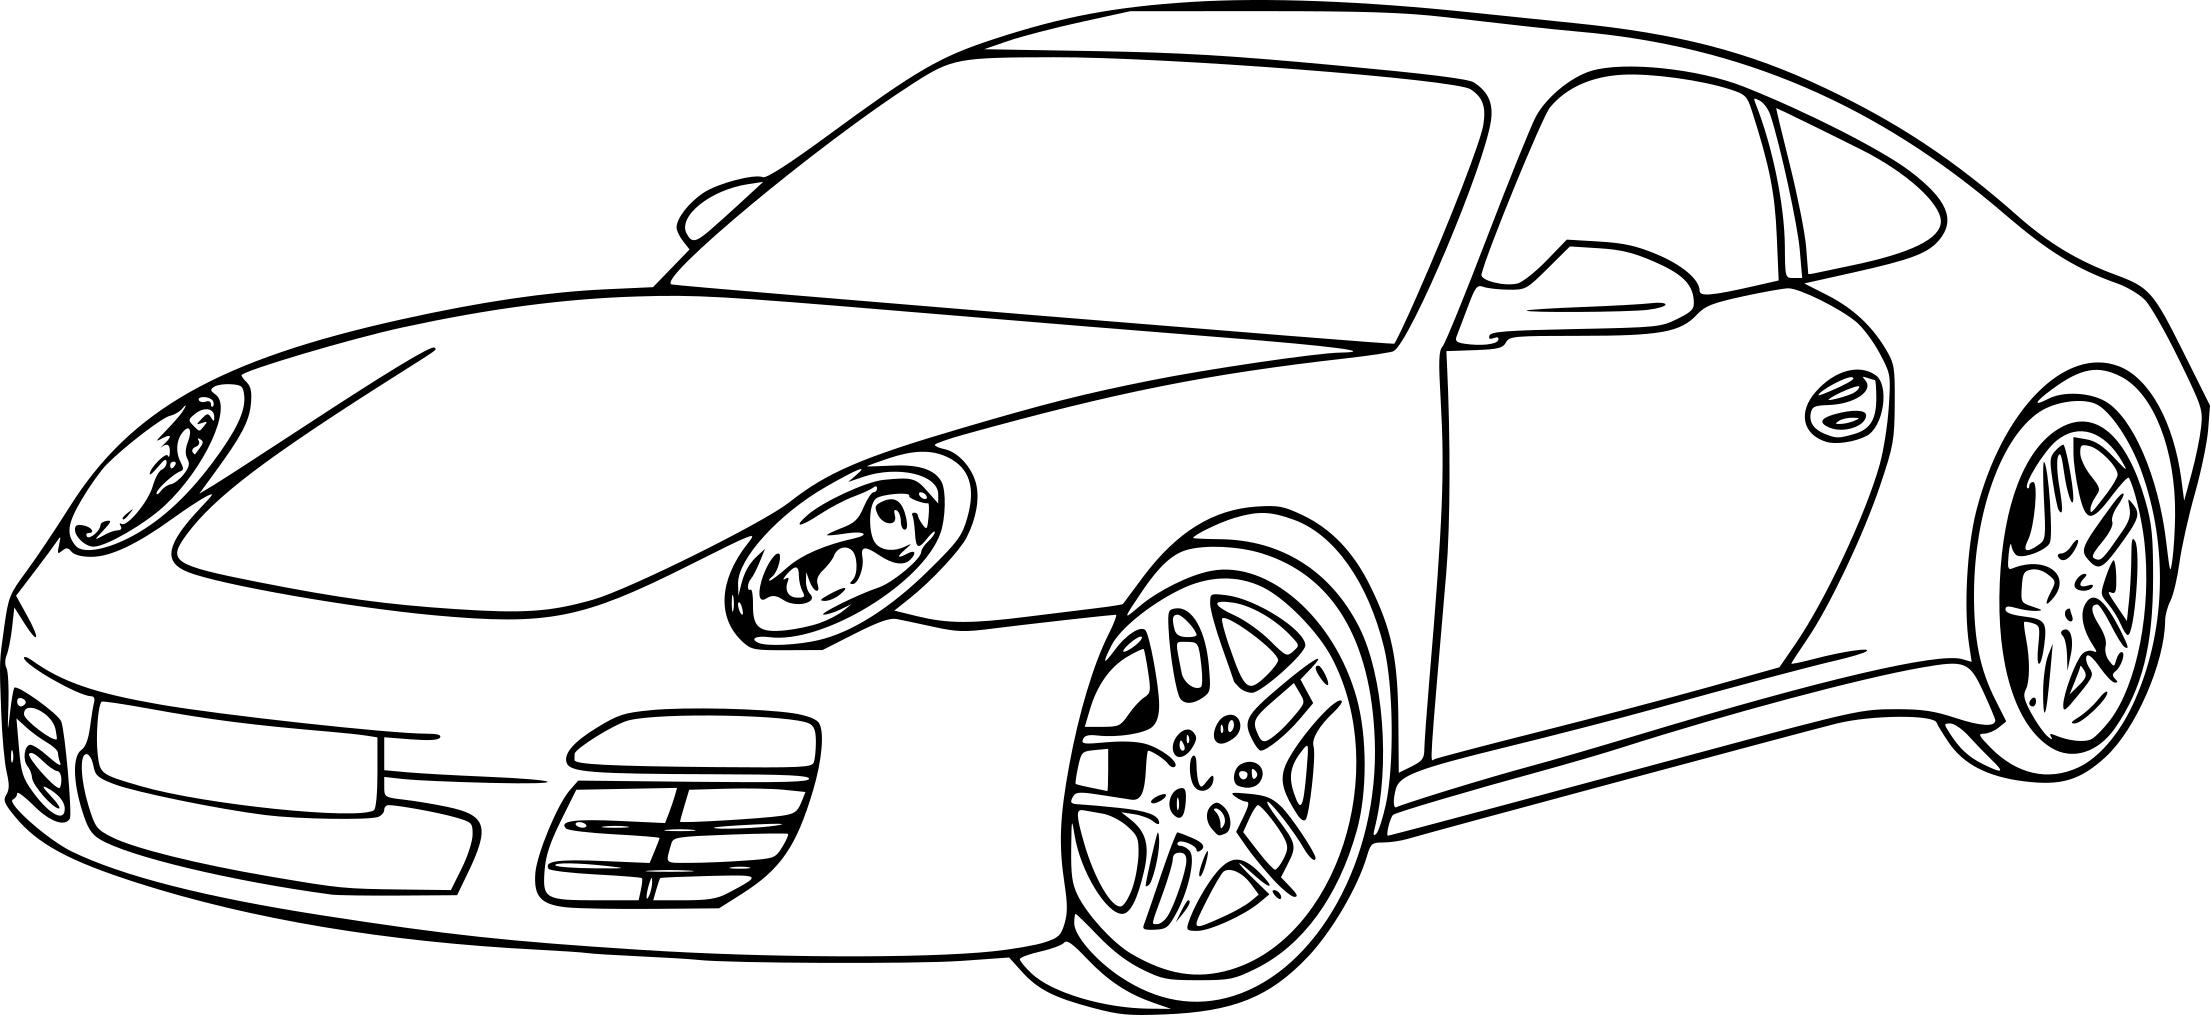 coloriage voiture de luxe